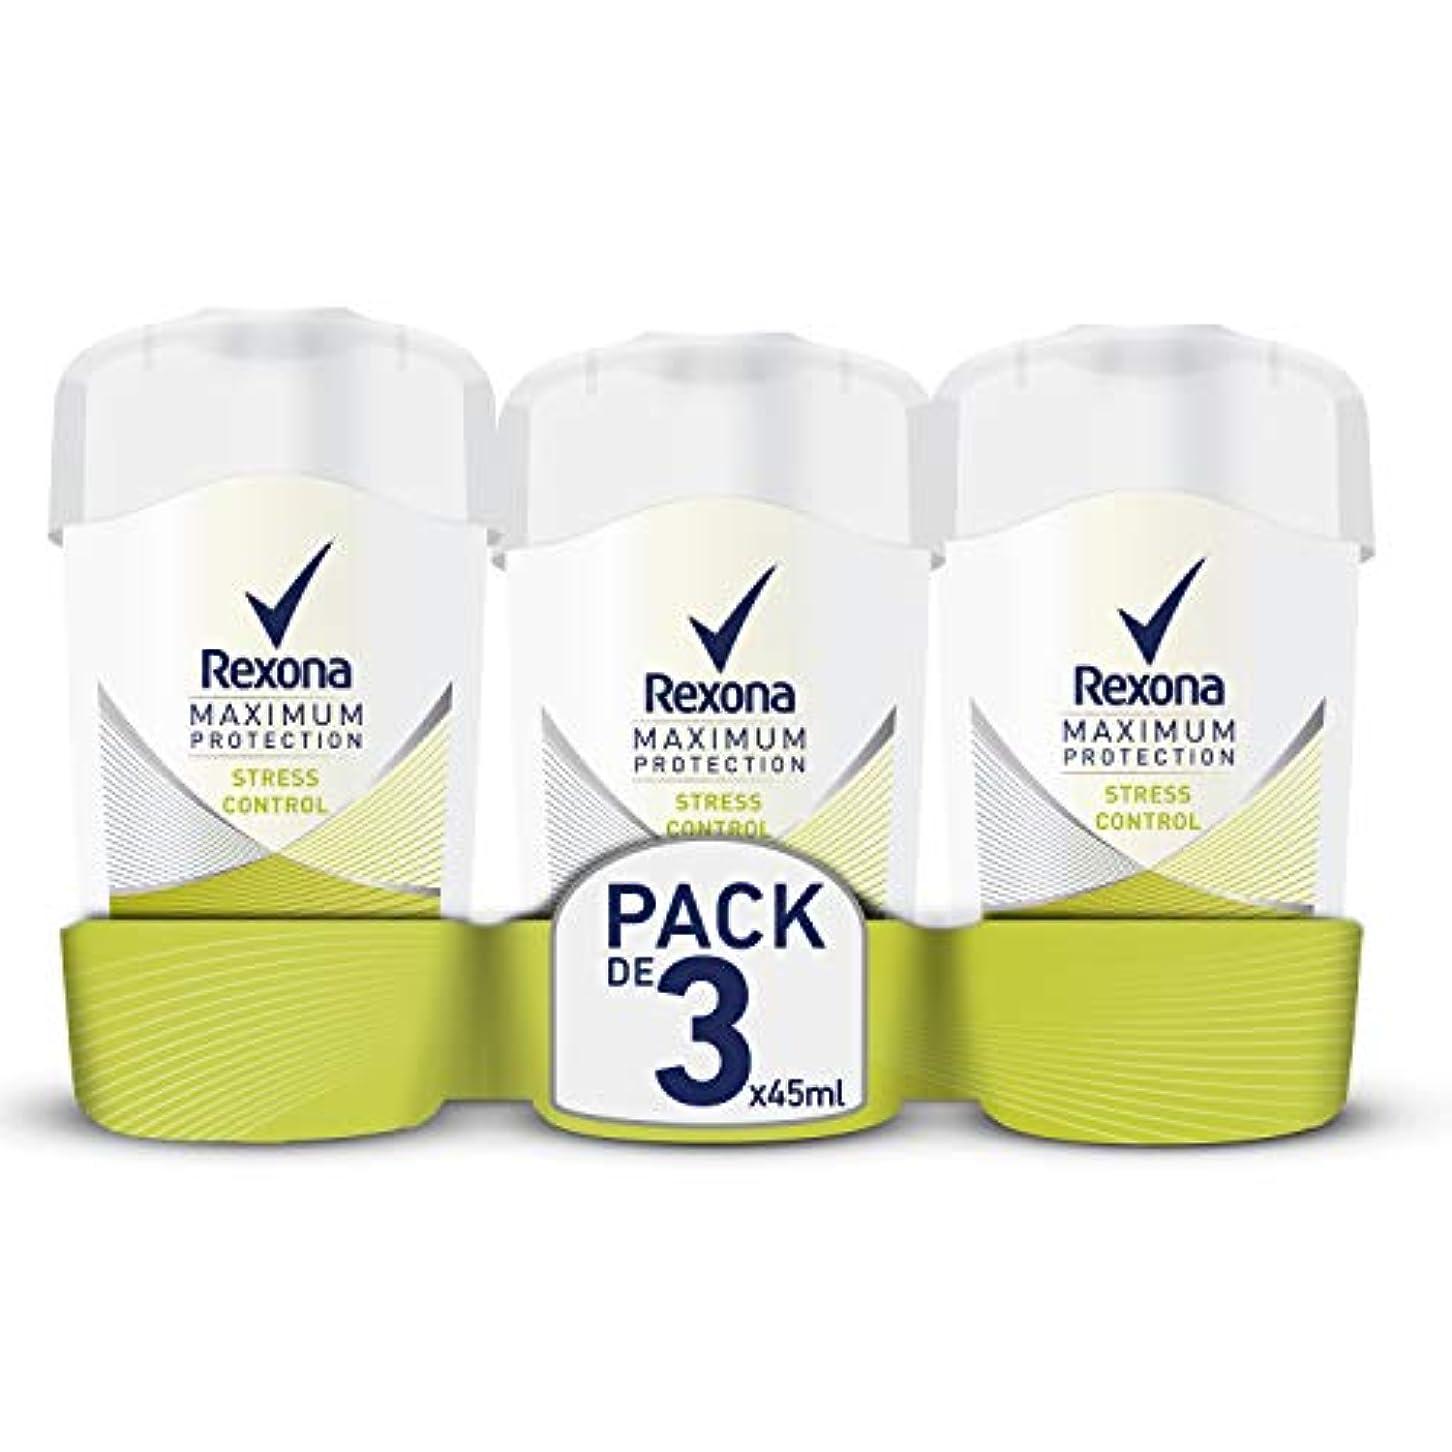 日記購入出費3本セット Rexona レクソナ デオドラント クリーム Maximum Protection Stress Control 45ml【並行輸入品】